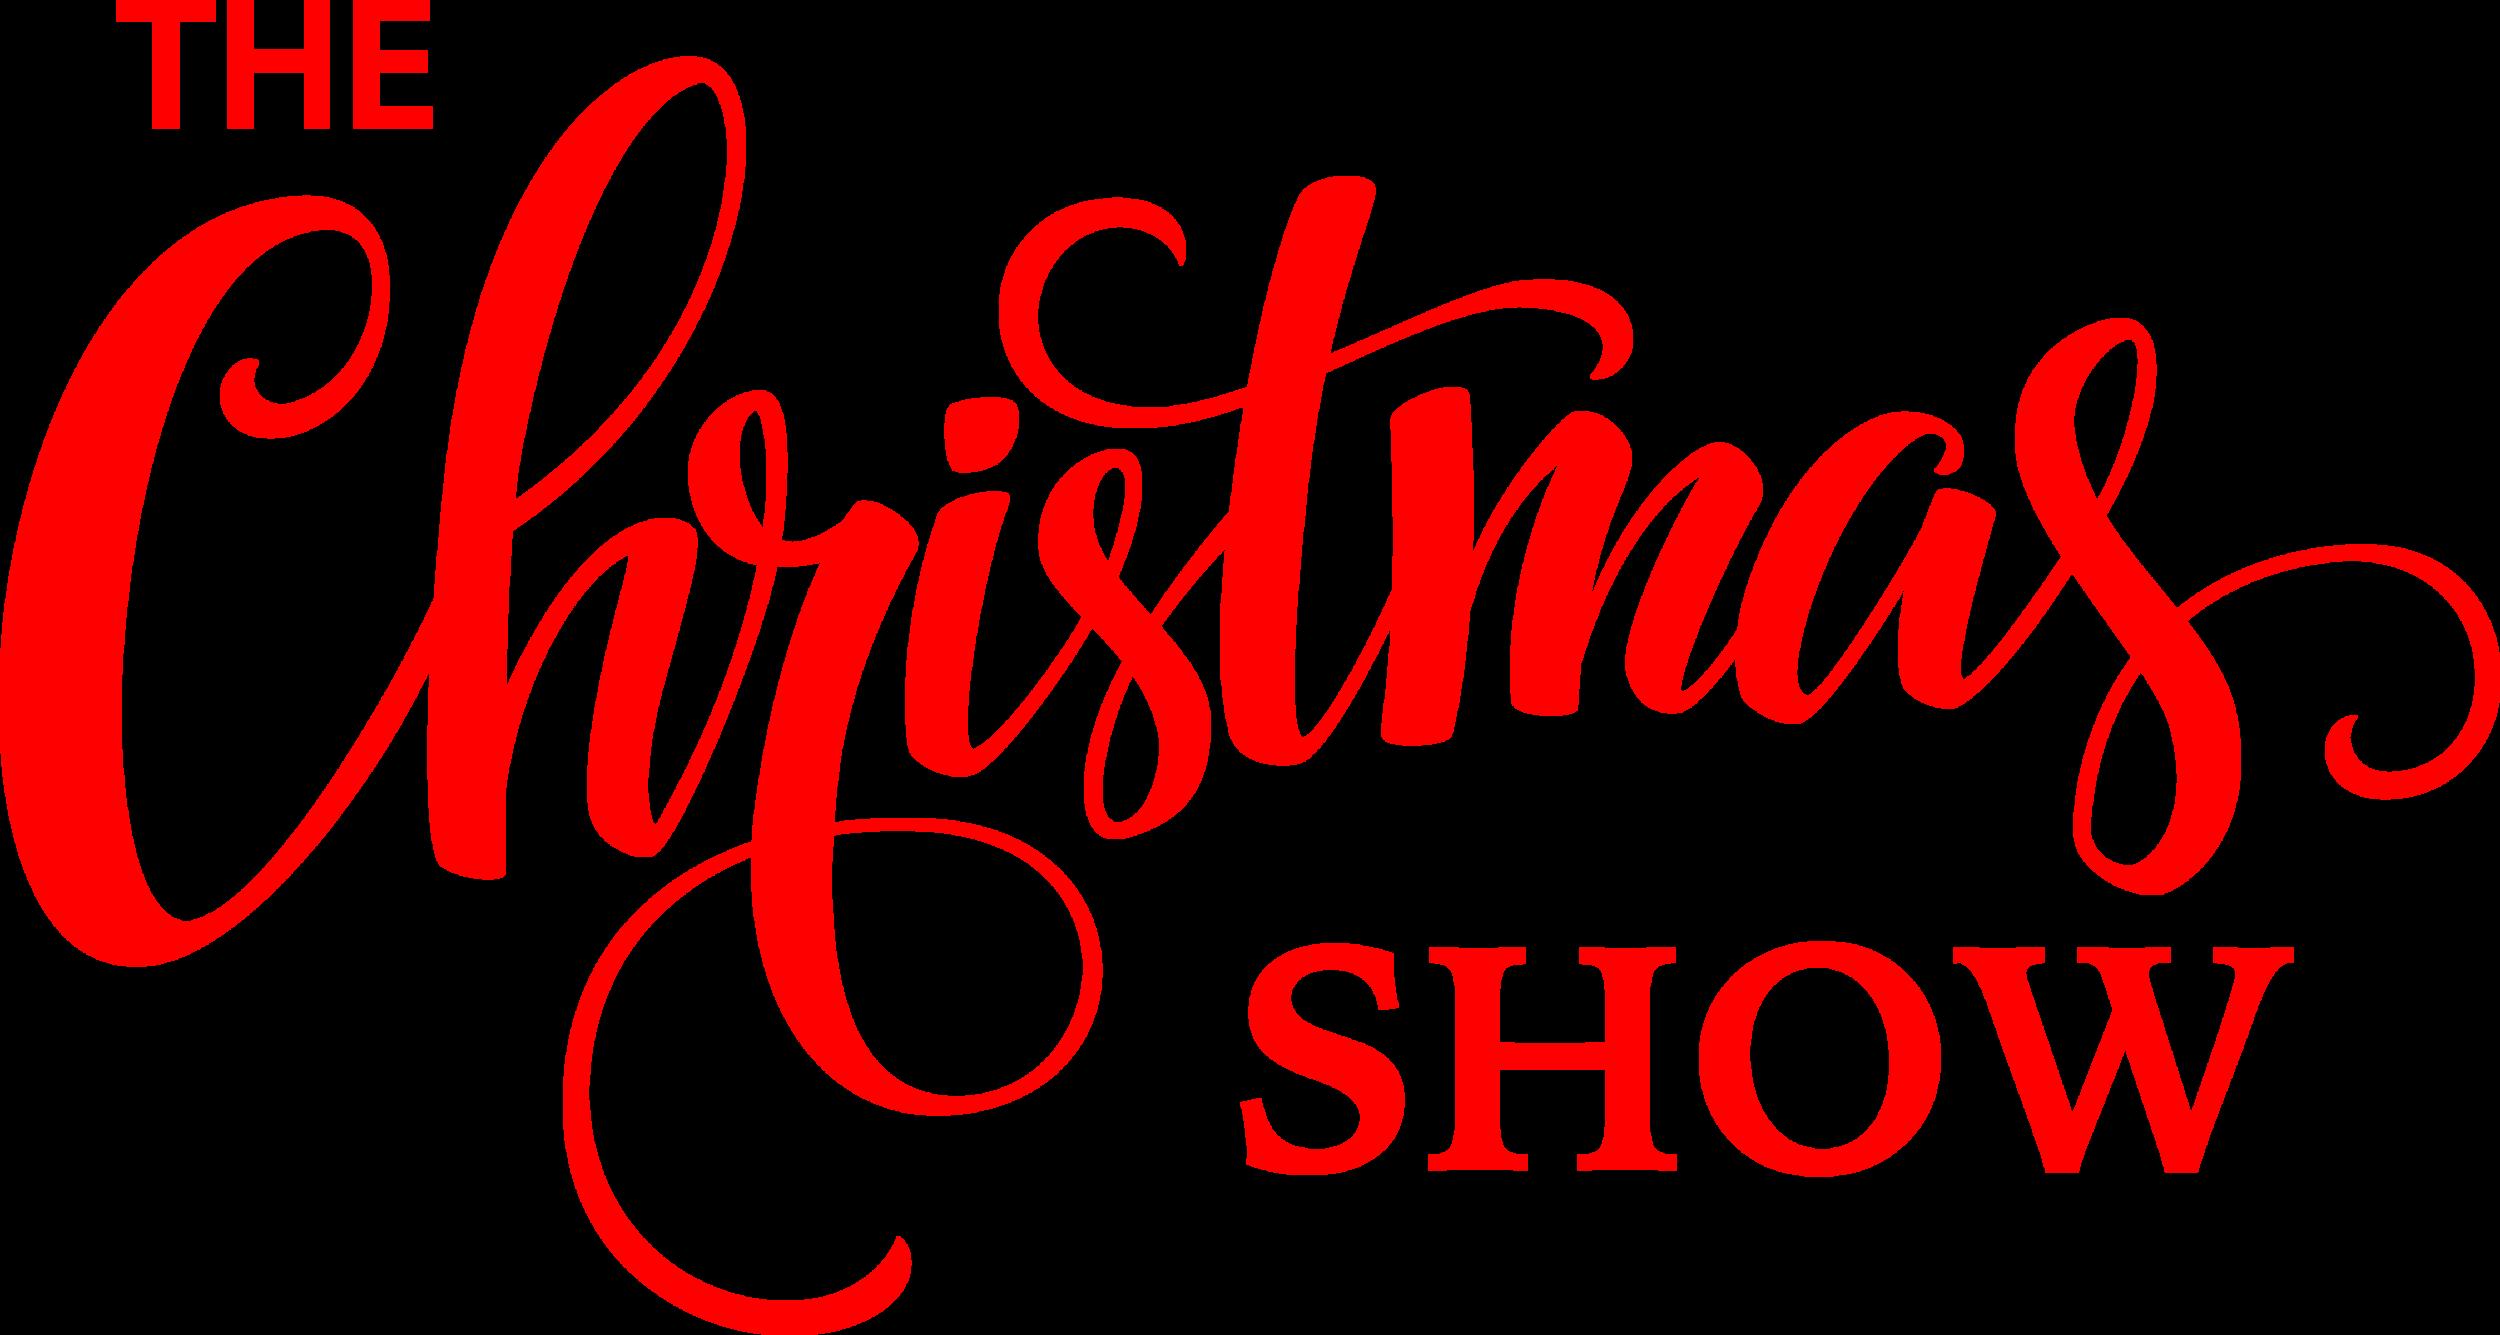 9.2.17christmas.show.png